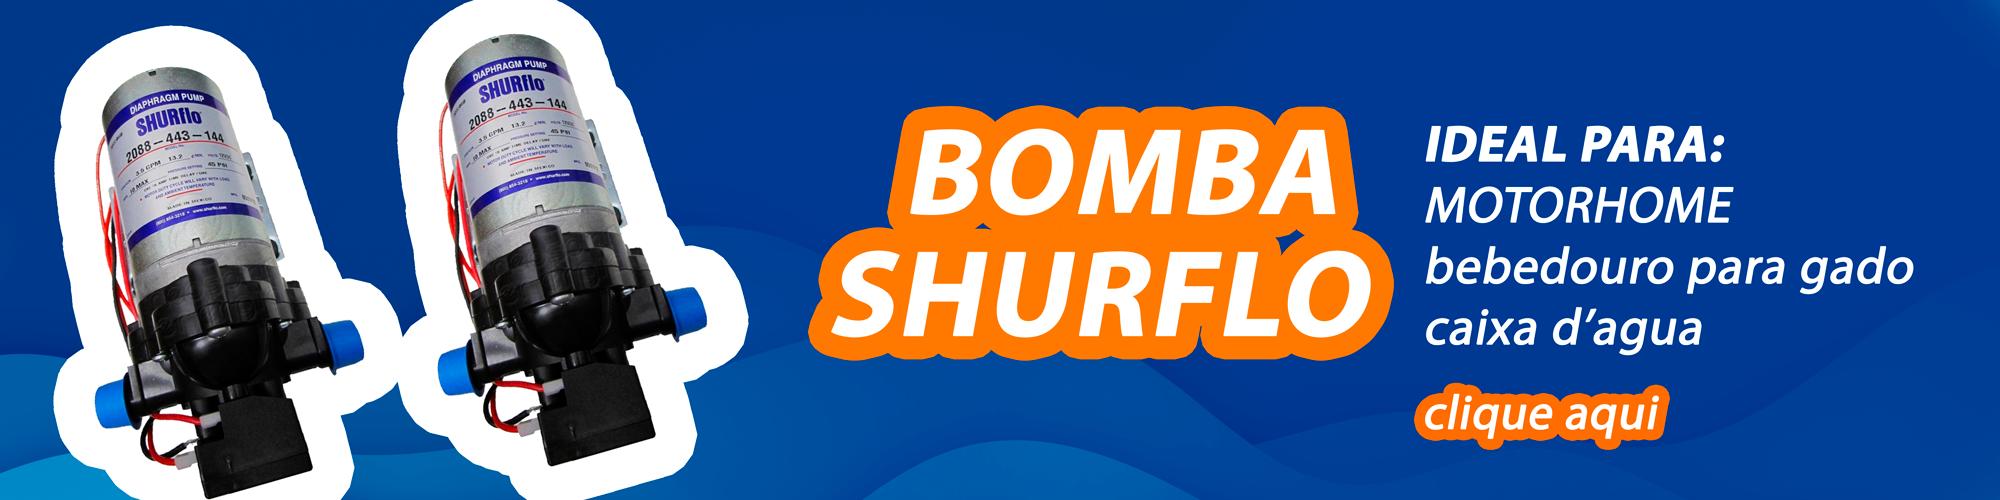 bomba shurflo